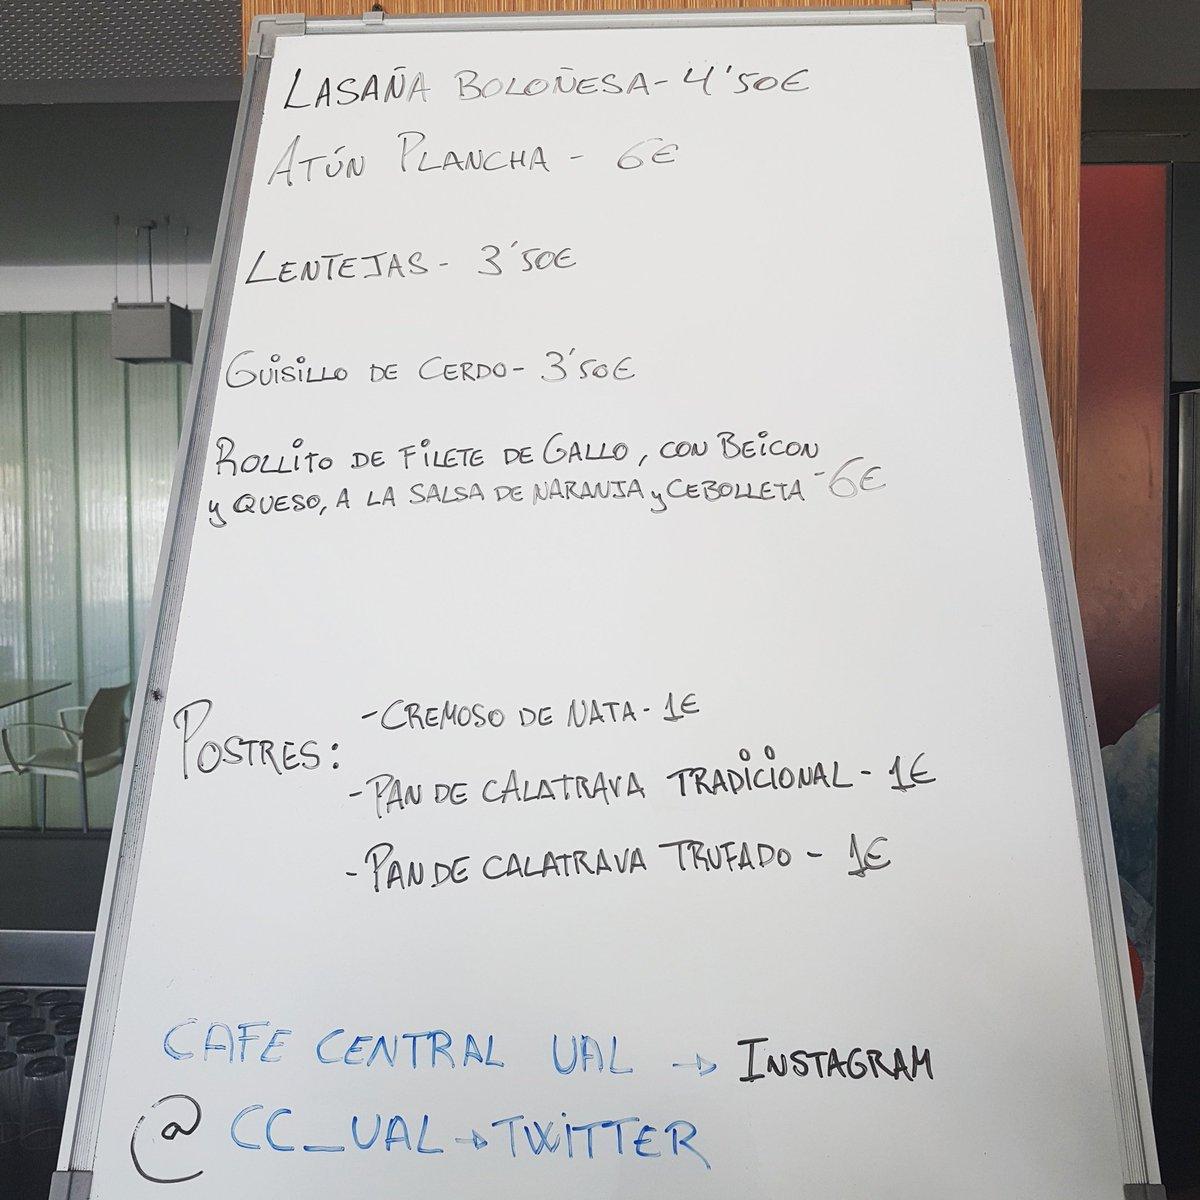 Café Central UAL (@CC_UAL) | Twitter